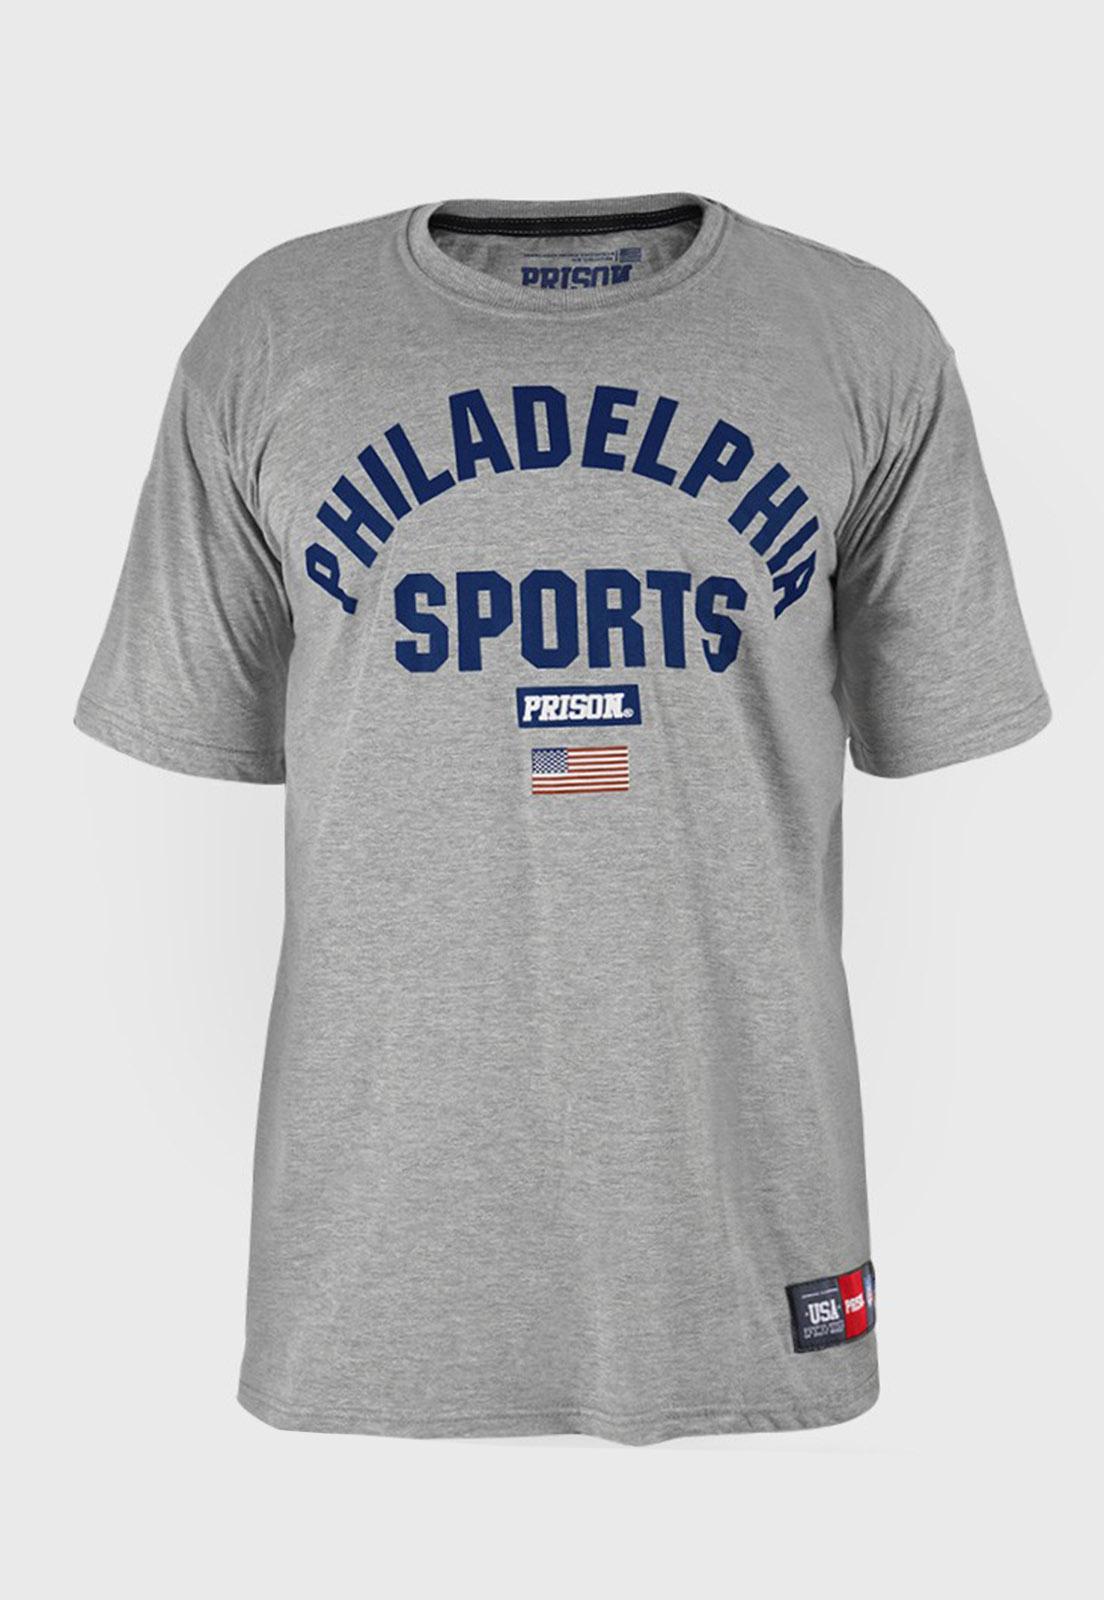 Camiseta Streetwear Prison Philadelphia